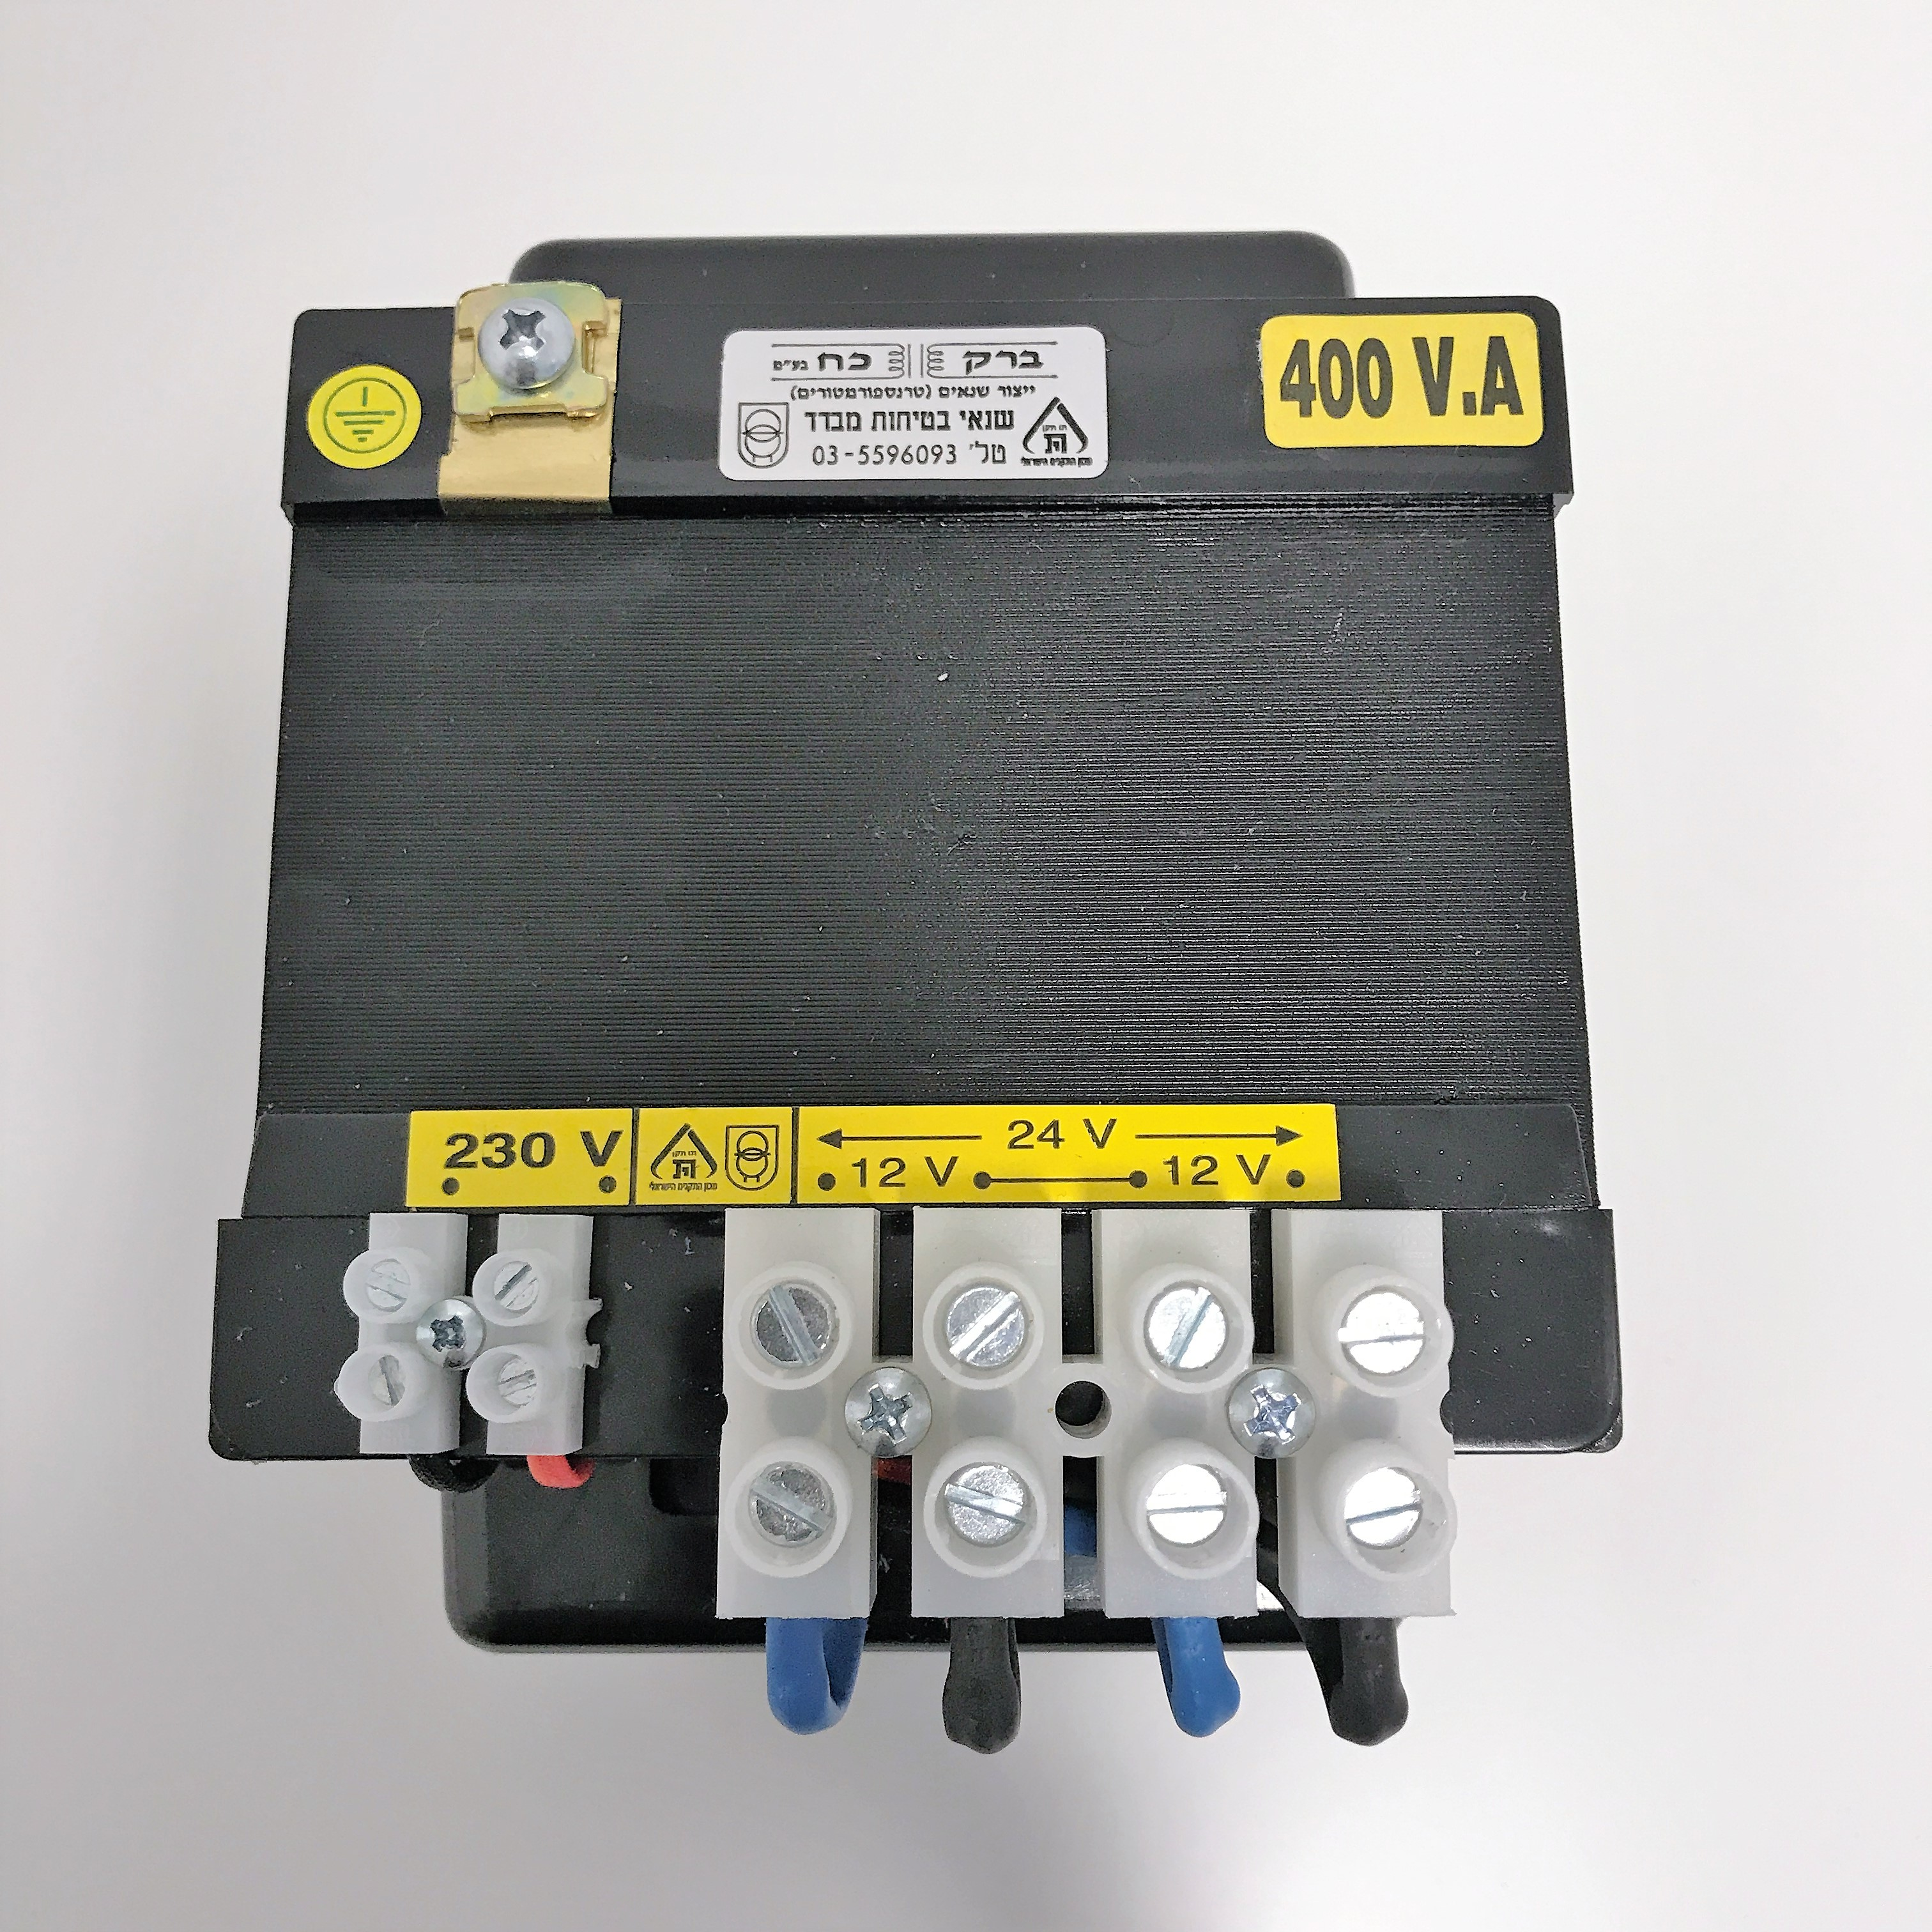 שנאי מבדל בהספק 400VA במתחים שונים